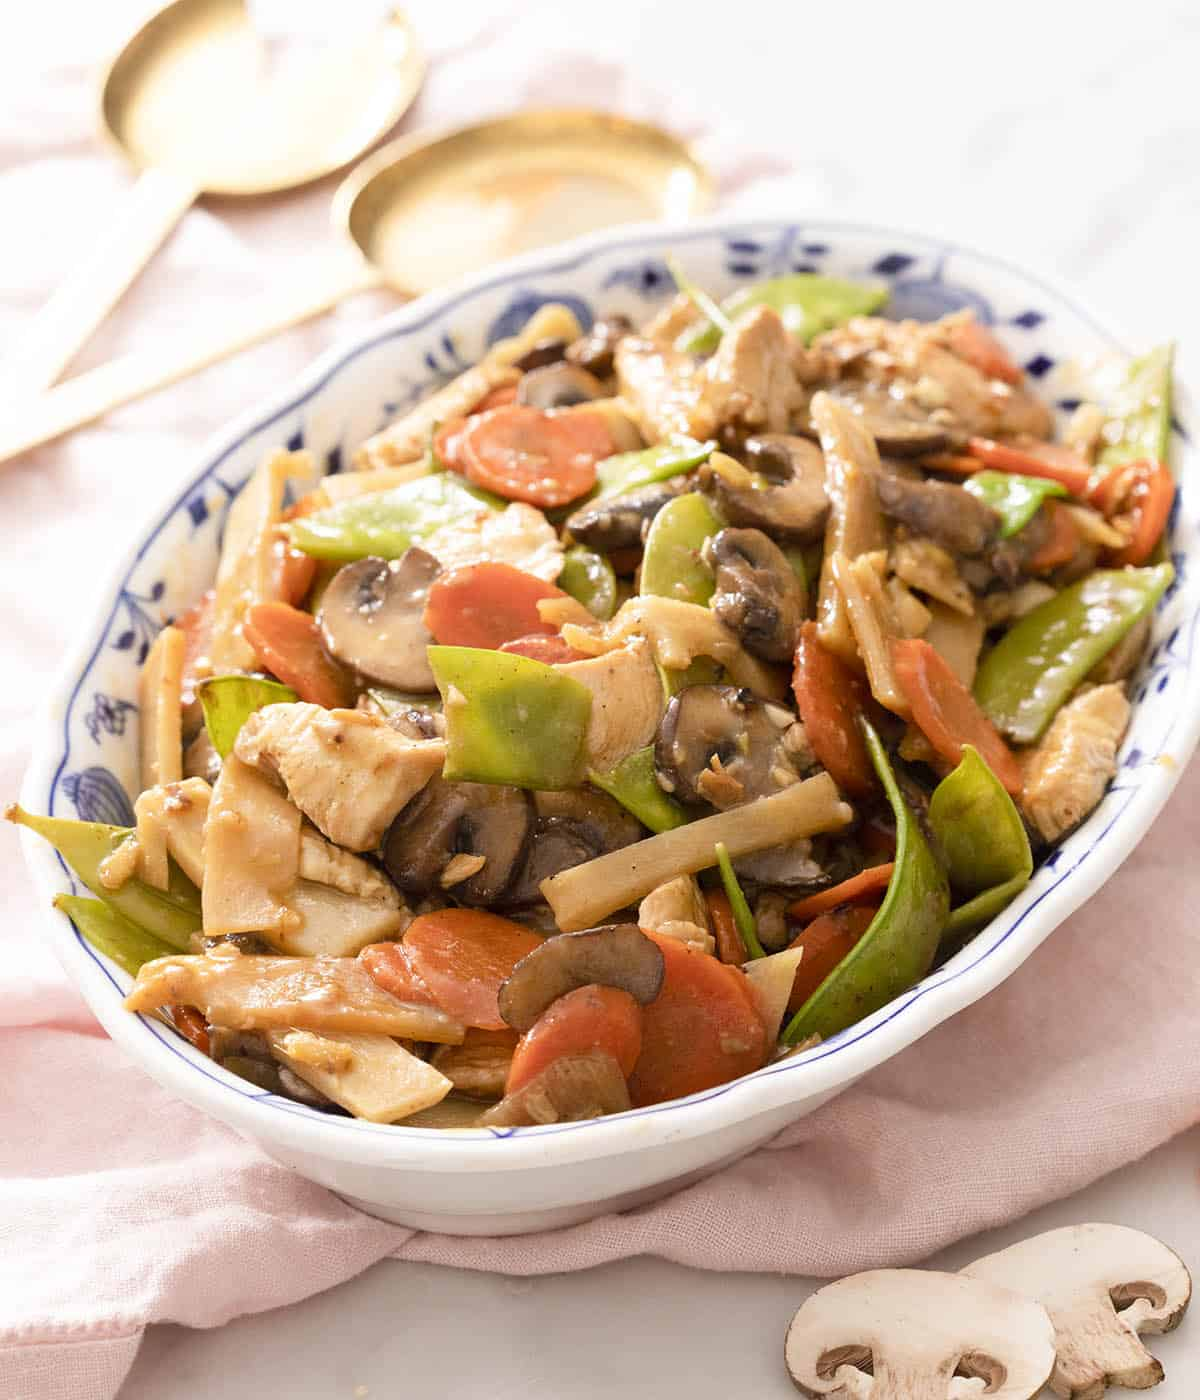 Moo goo gai pan stir fry in a large serving bowl